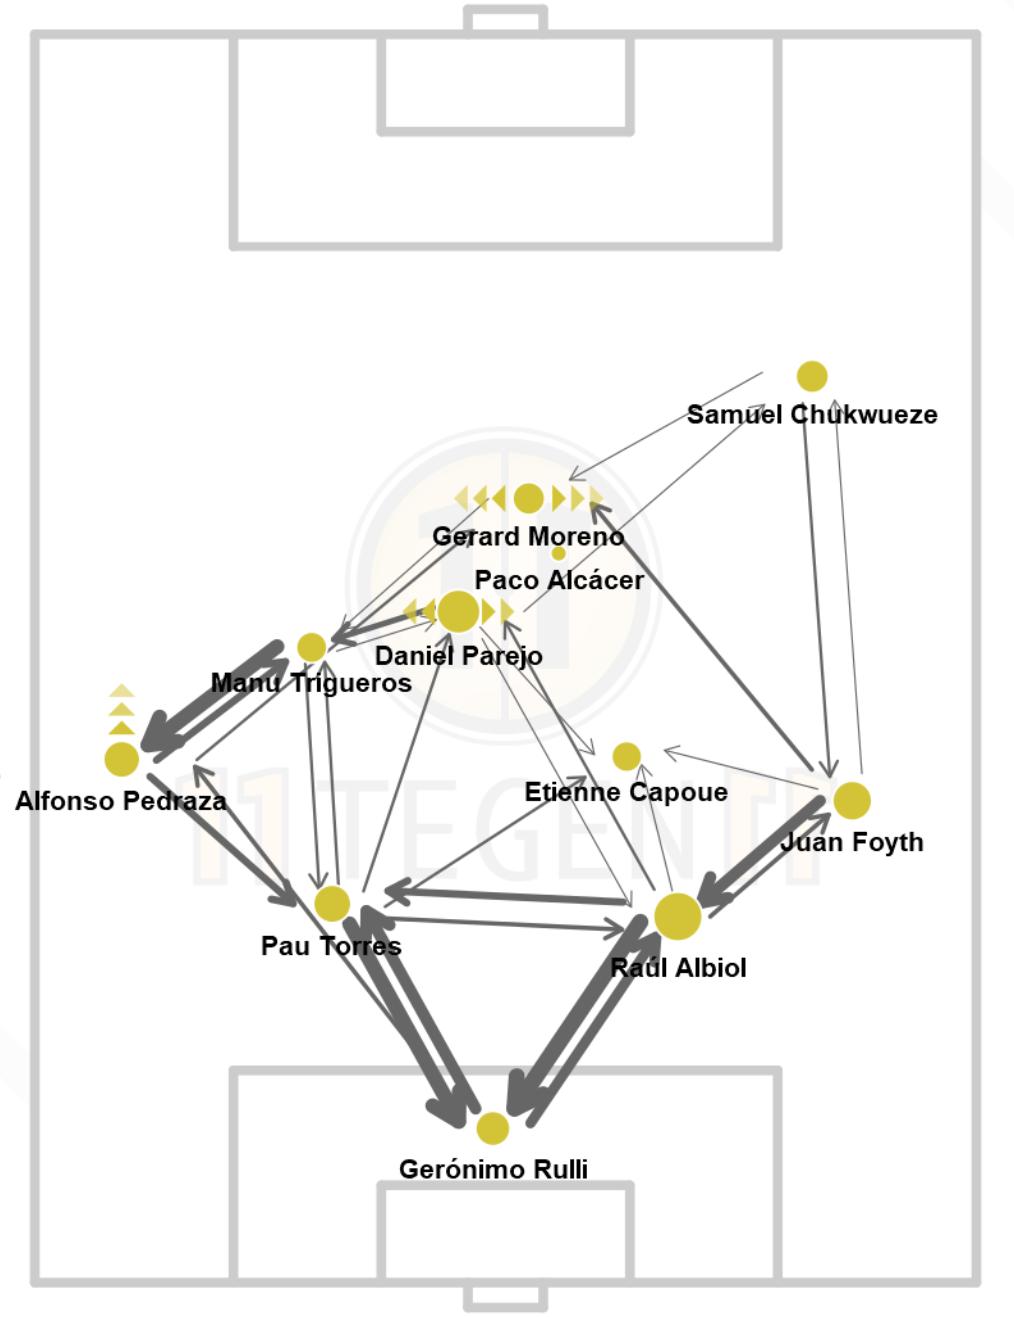 Артета проиграл Эмери. Матч олицетворяет проблемы «Арсенала» – интересные, но неэффективные эксперименты